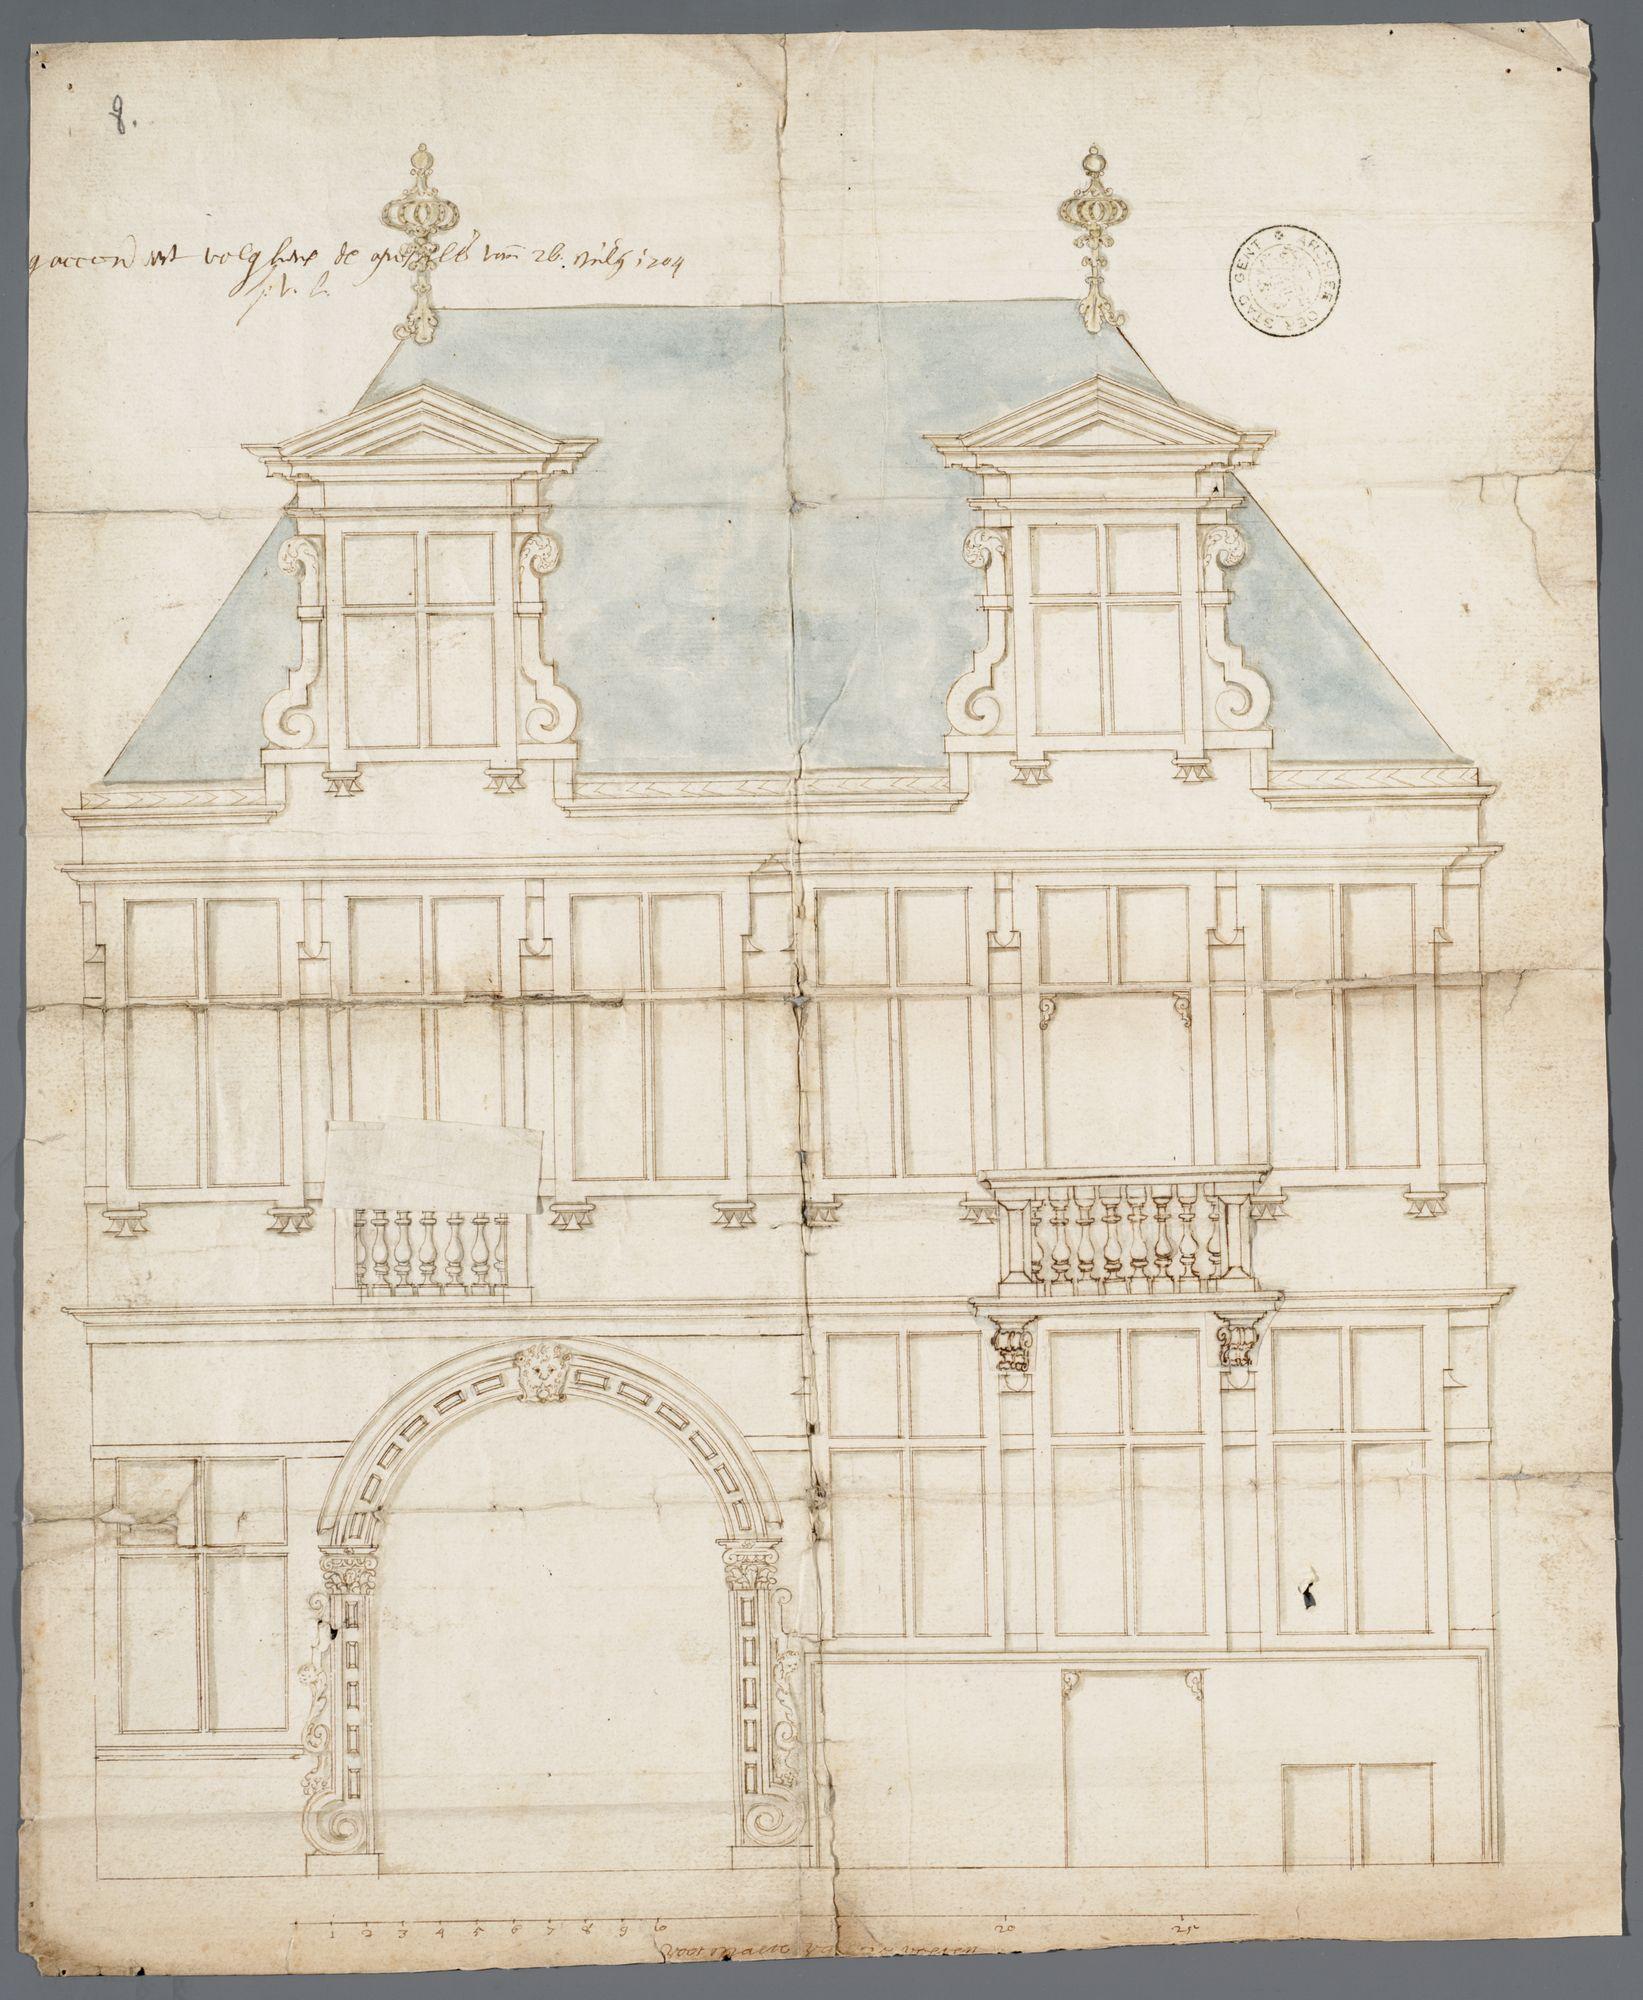 Gent: Predikherenlei, 1704: opstand gevel